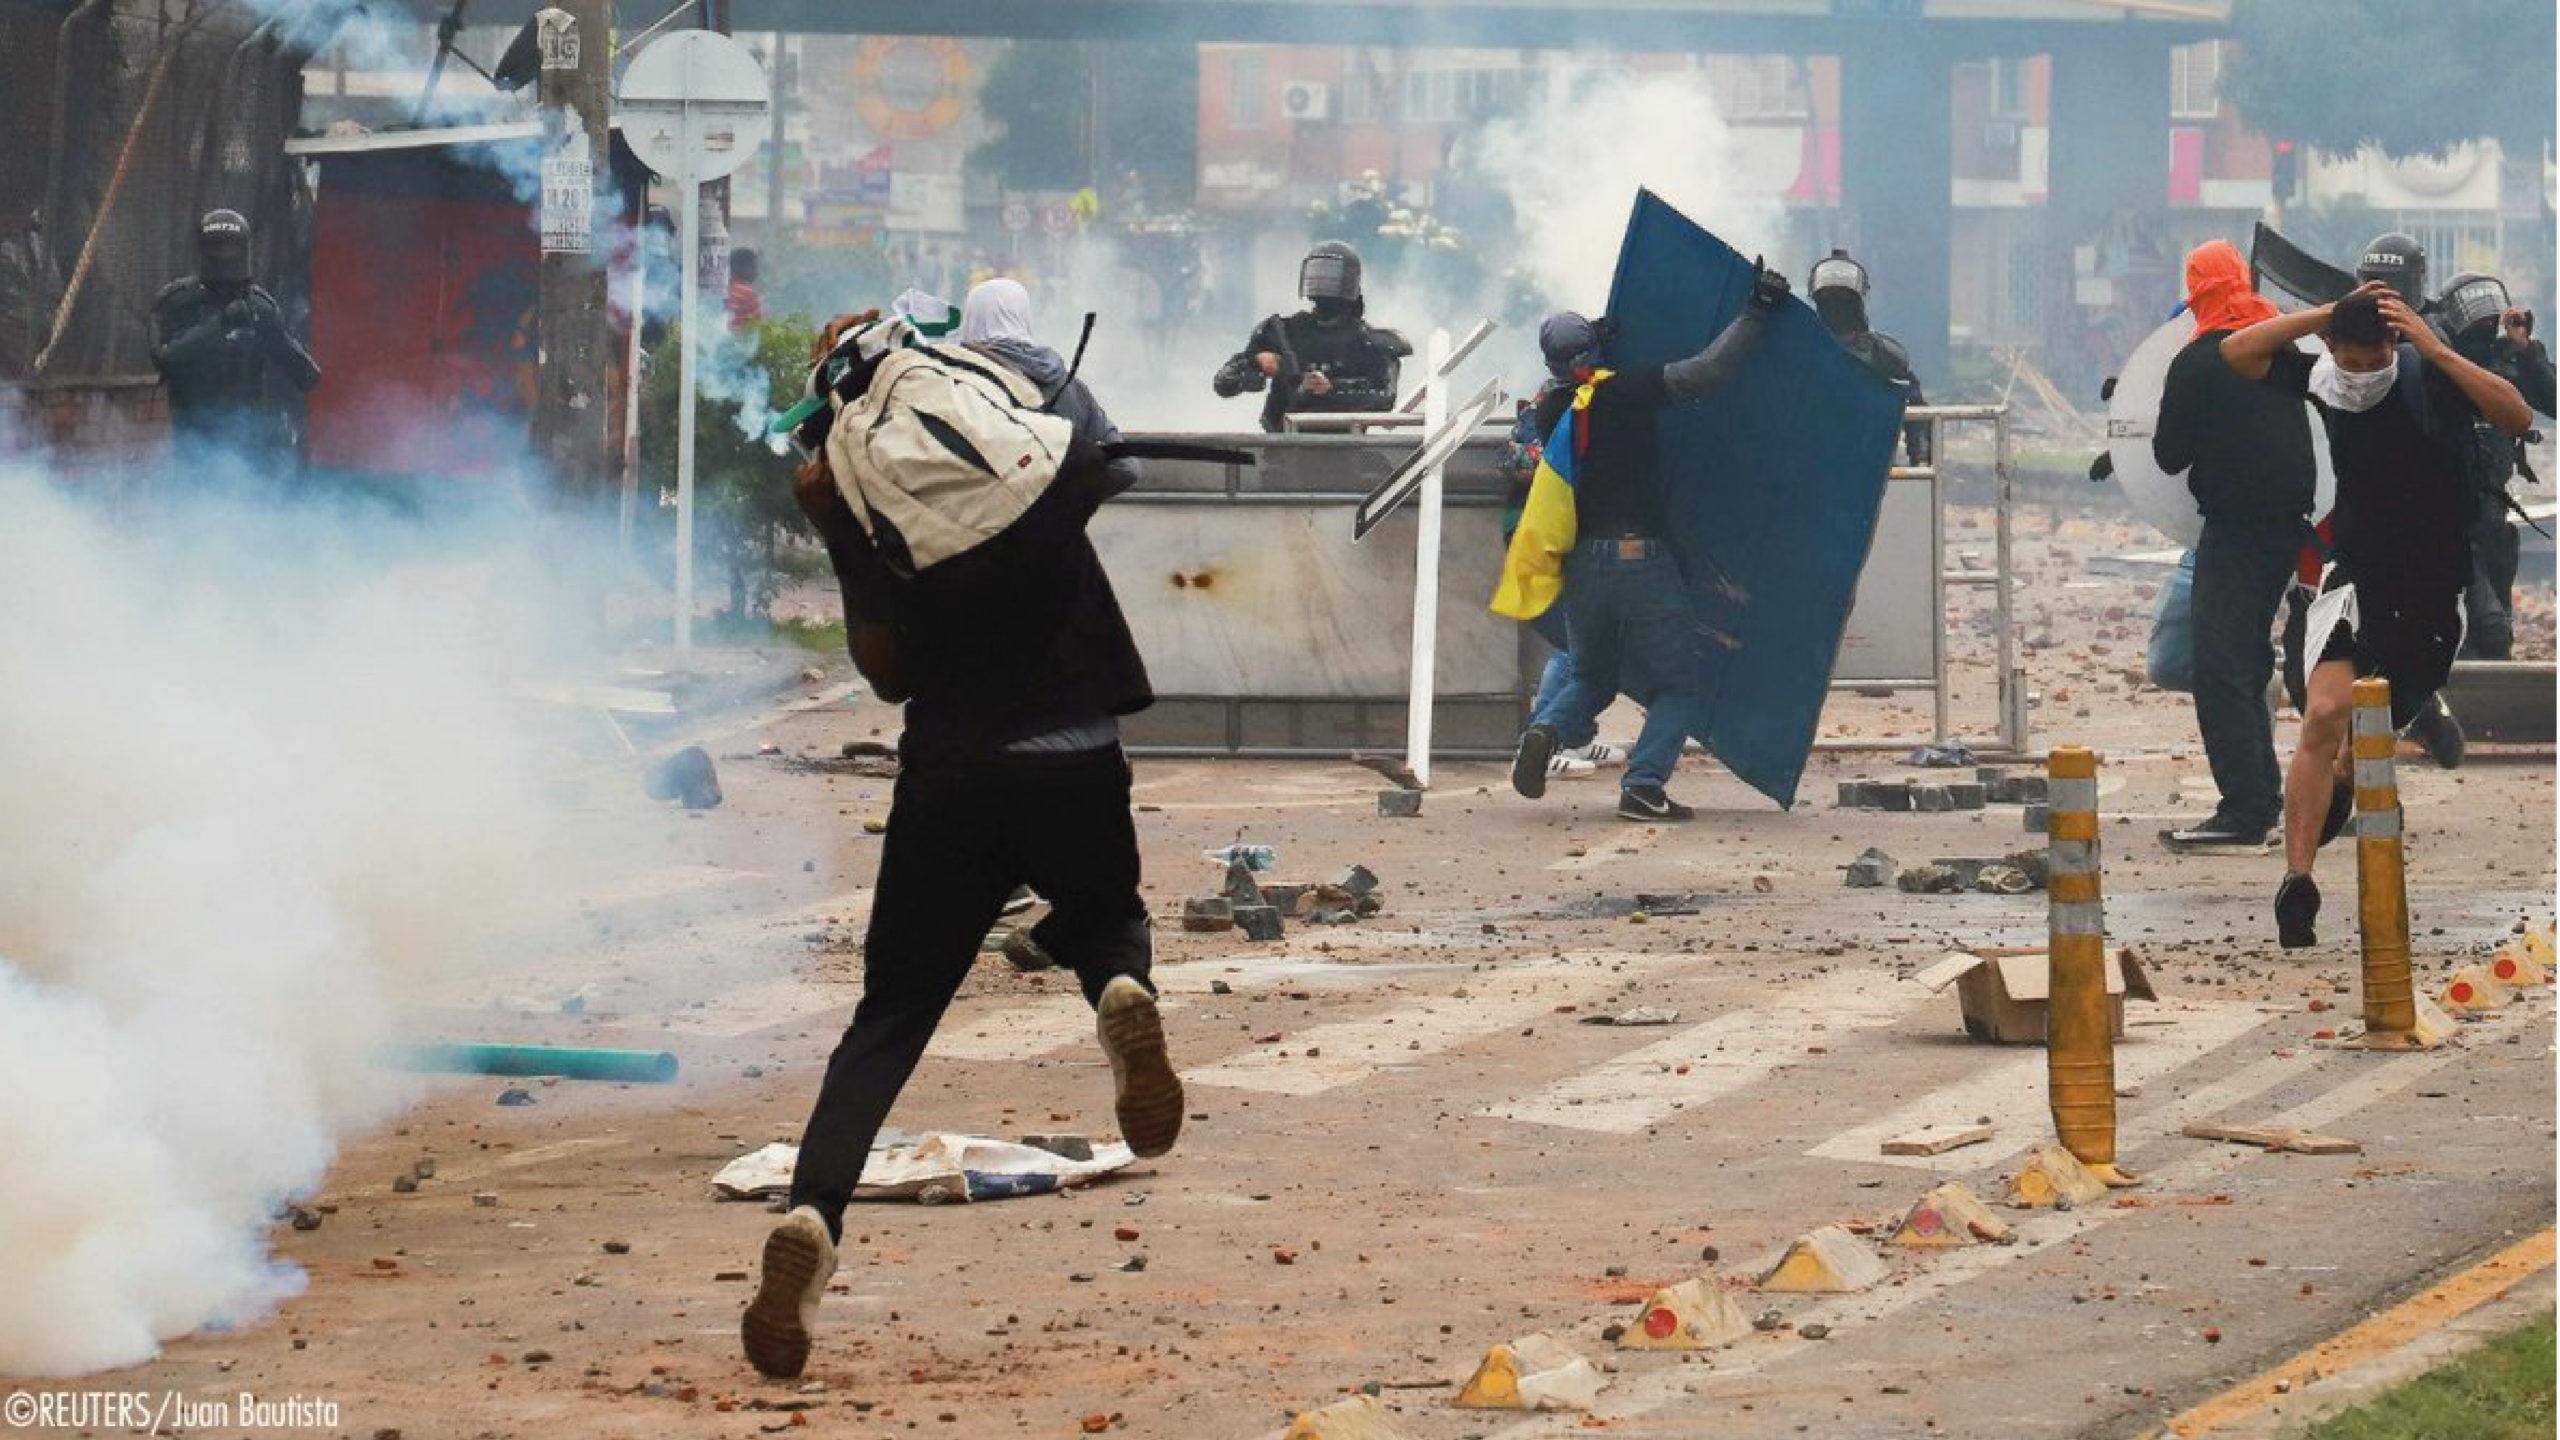 La ONU y UE condenan violencia contra manifestaciones en Colombia